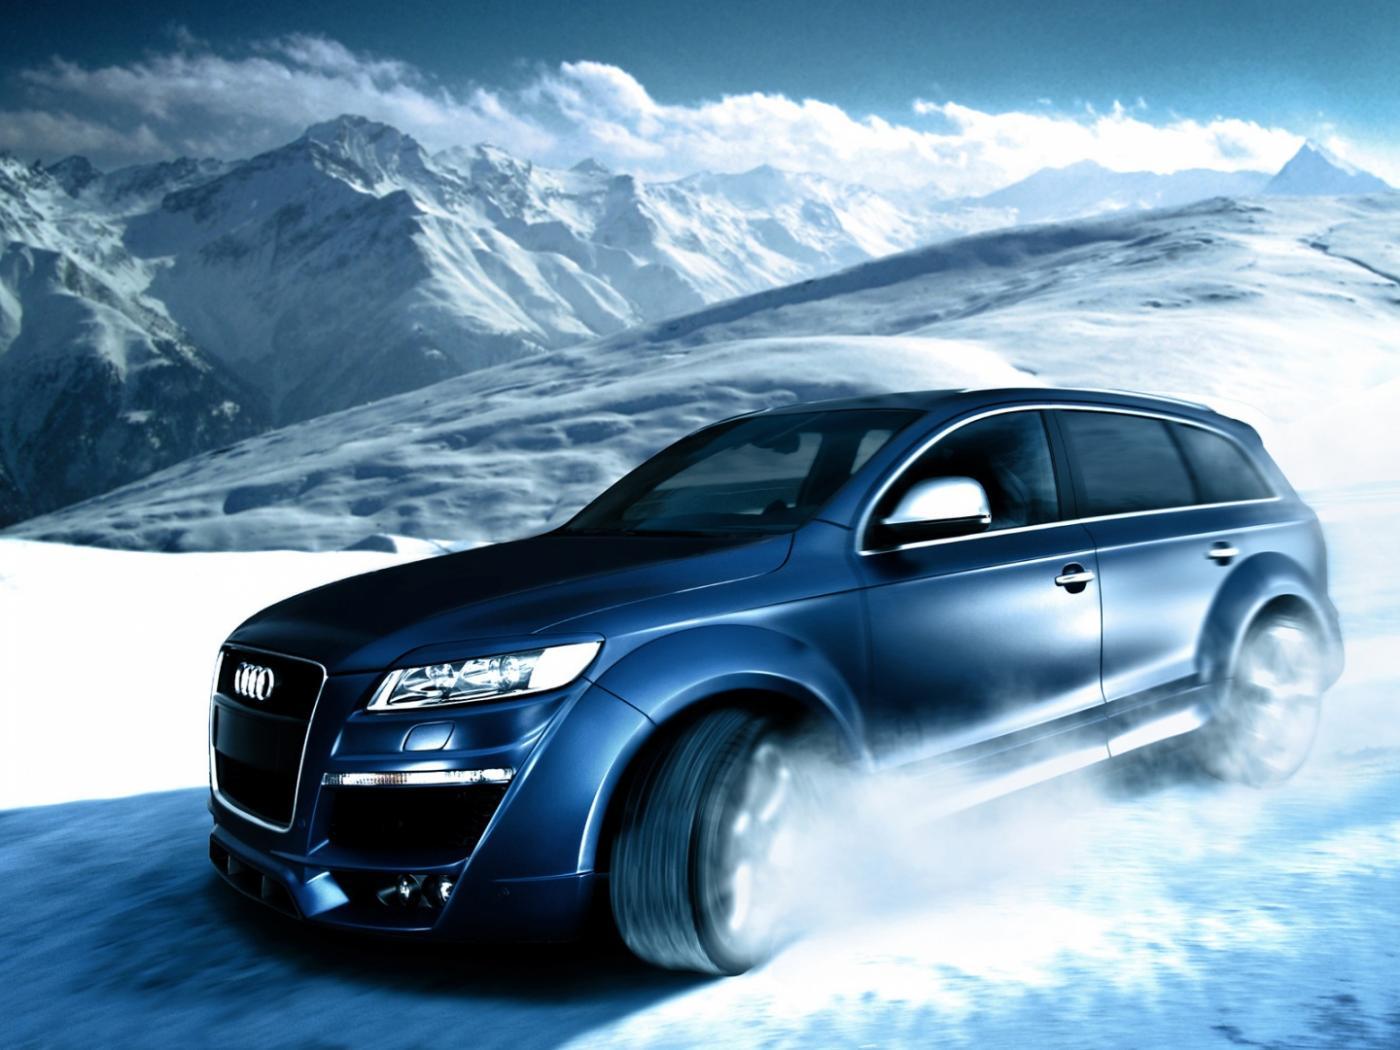 Audi Q5 sur neige